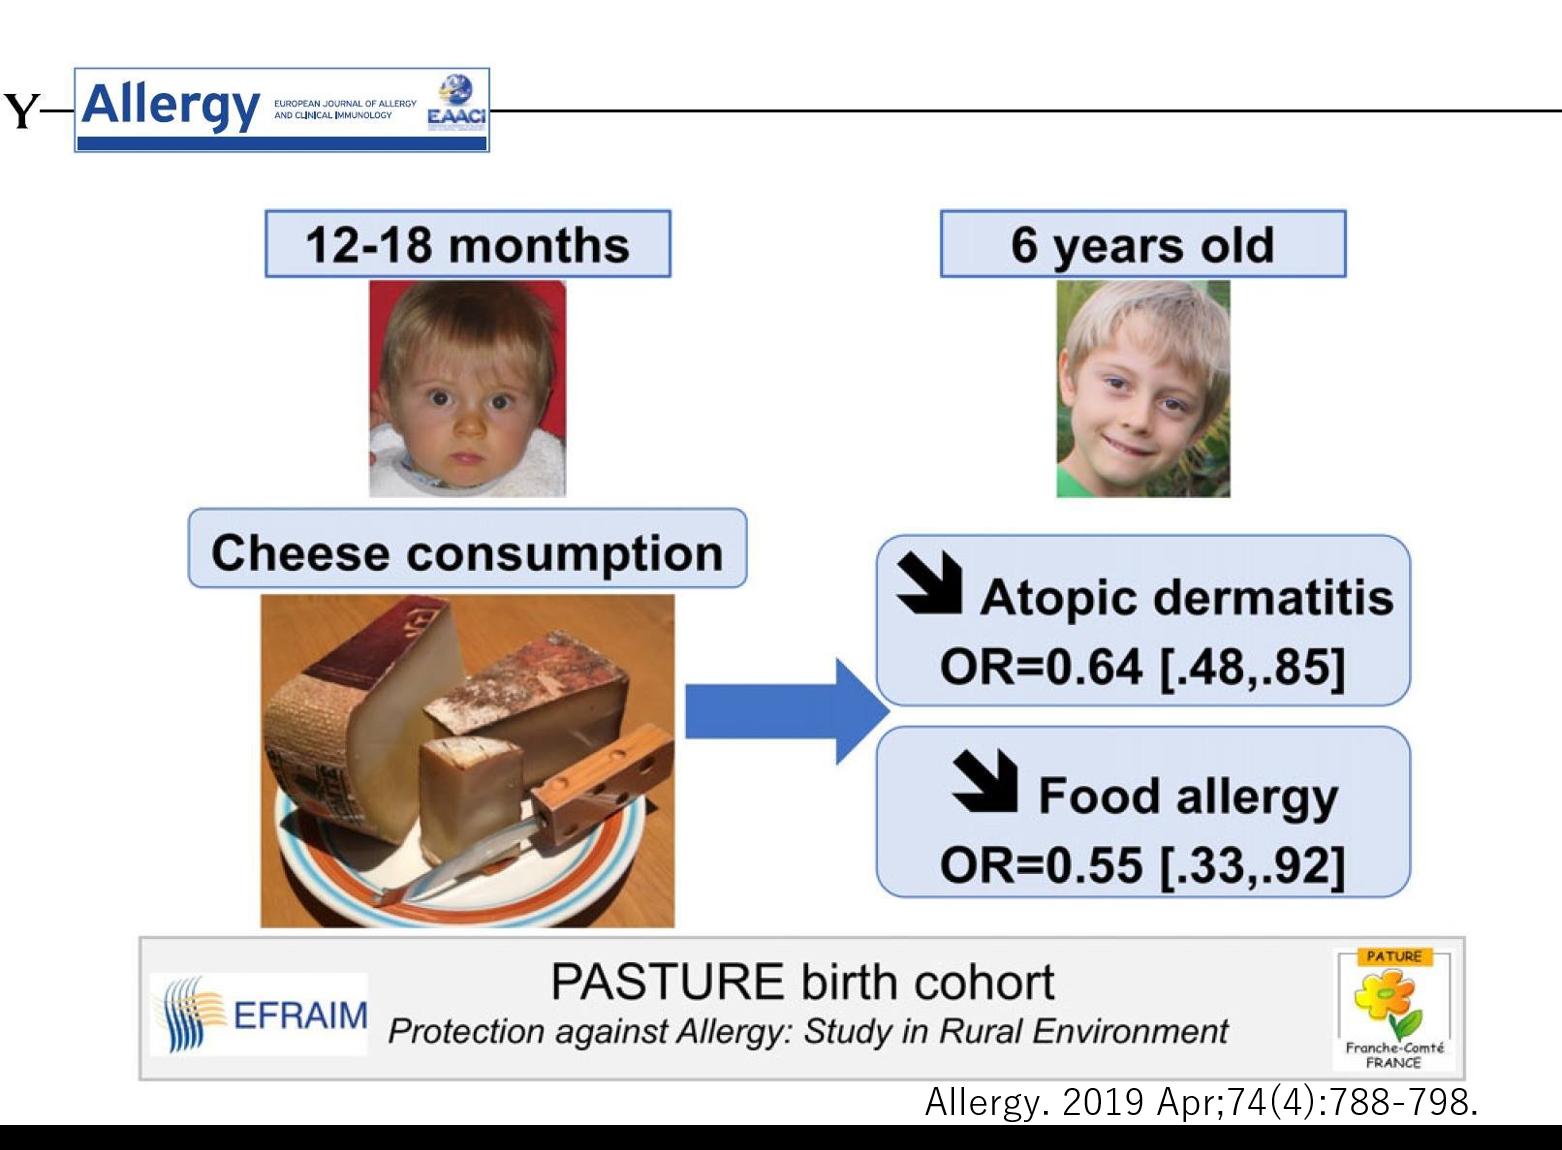 ナチュラルチーズとアレルギー疾患